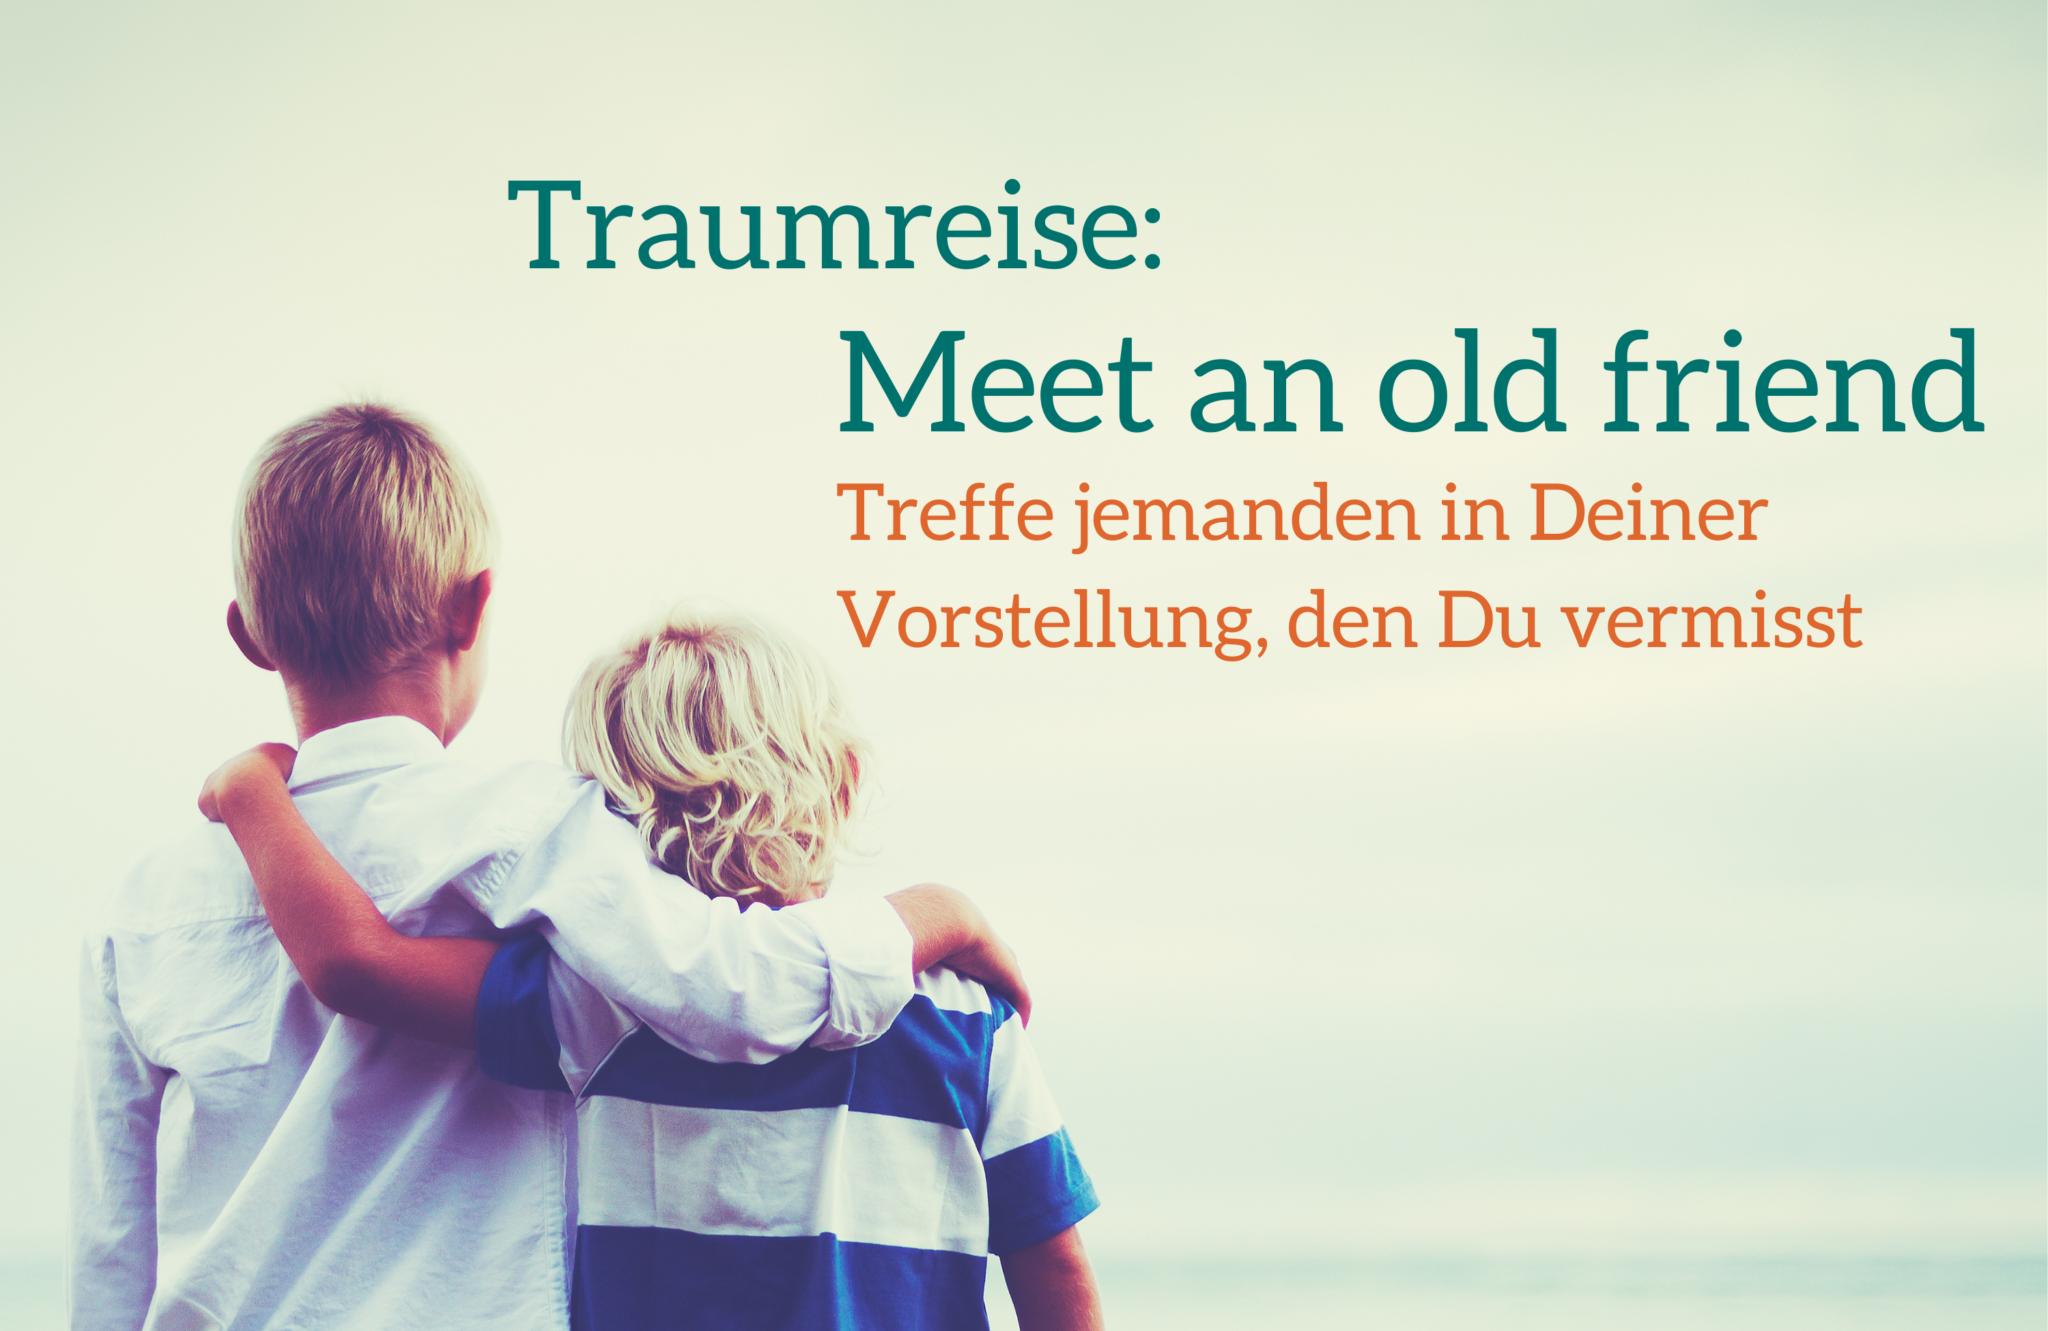 Diplom Psychologin Psychologe 74821 Mosbach Traumreise Entspannung Entspannungsgeschichten Entspannungsreisen Erwachsene entspannen auftanken Freundschaft H